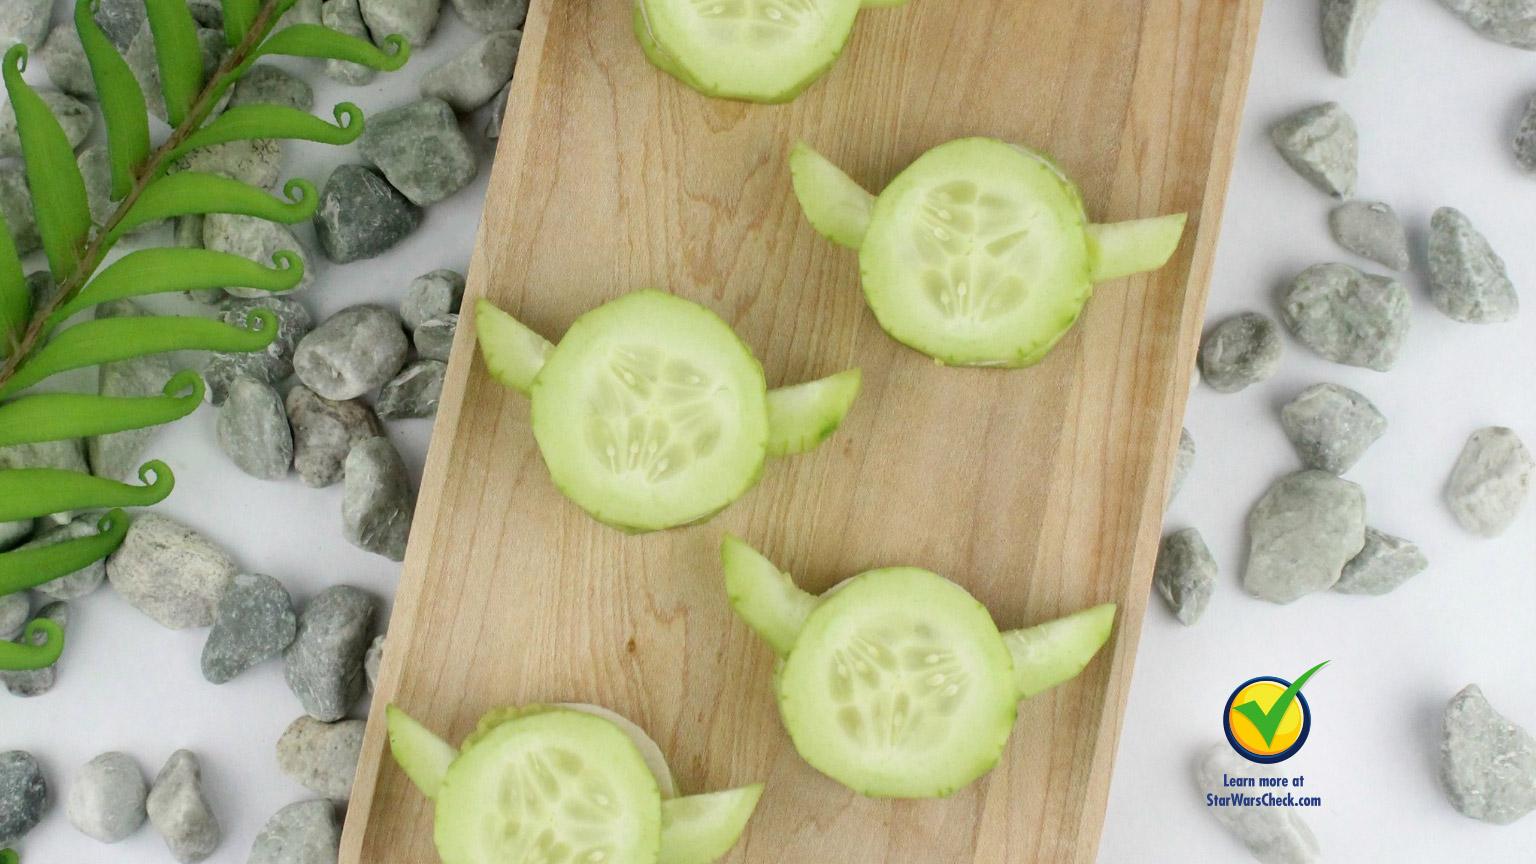 ¡Empieza a comer sano con Yoda!